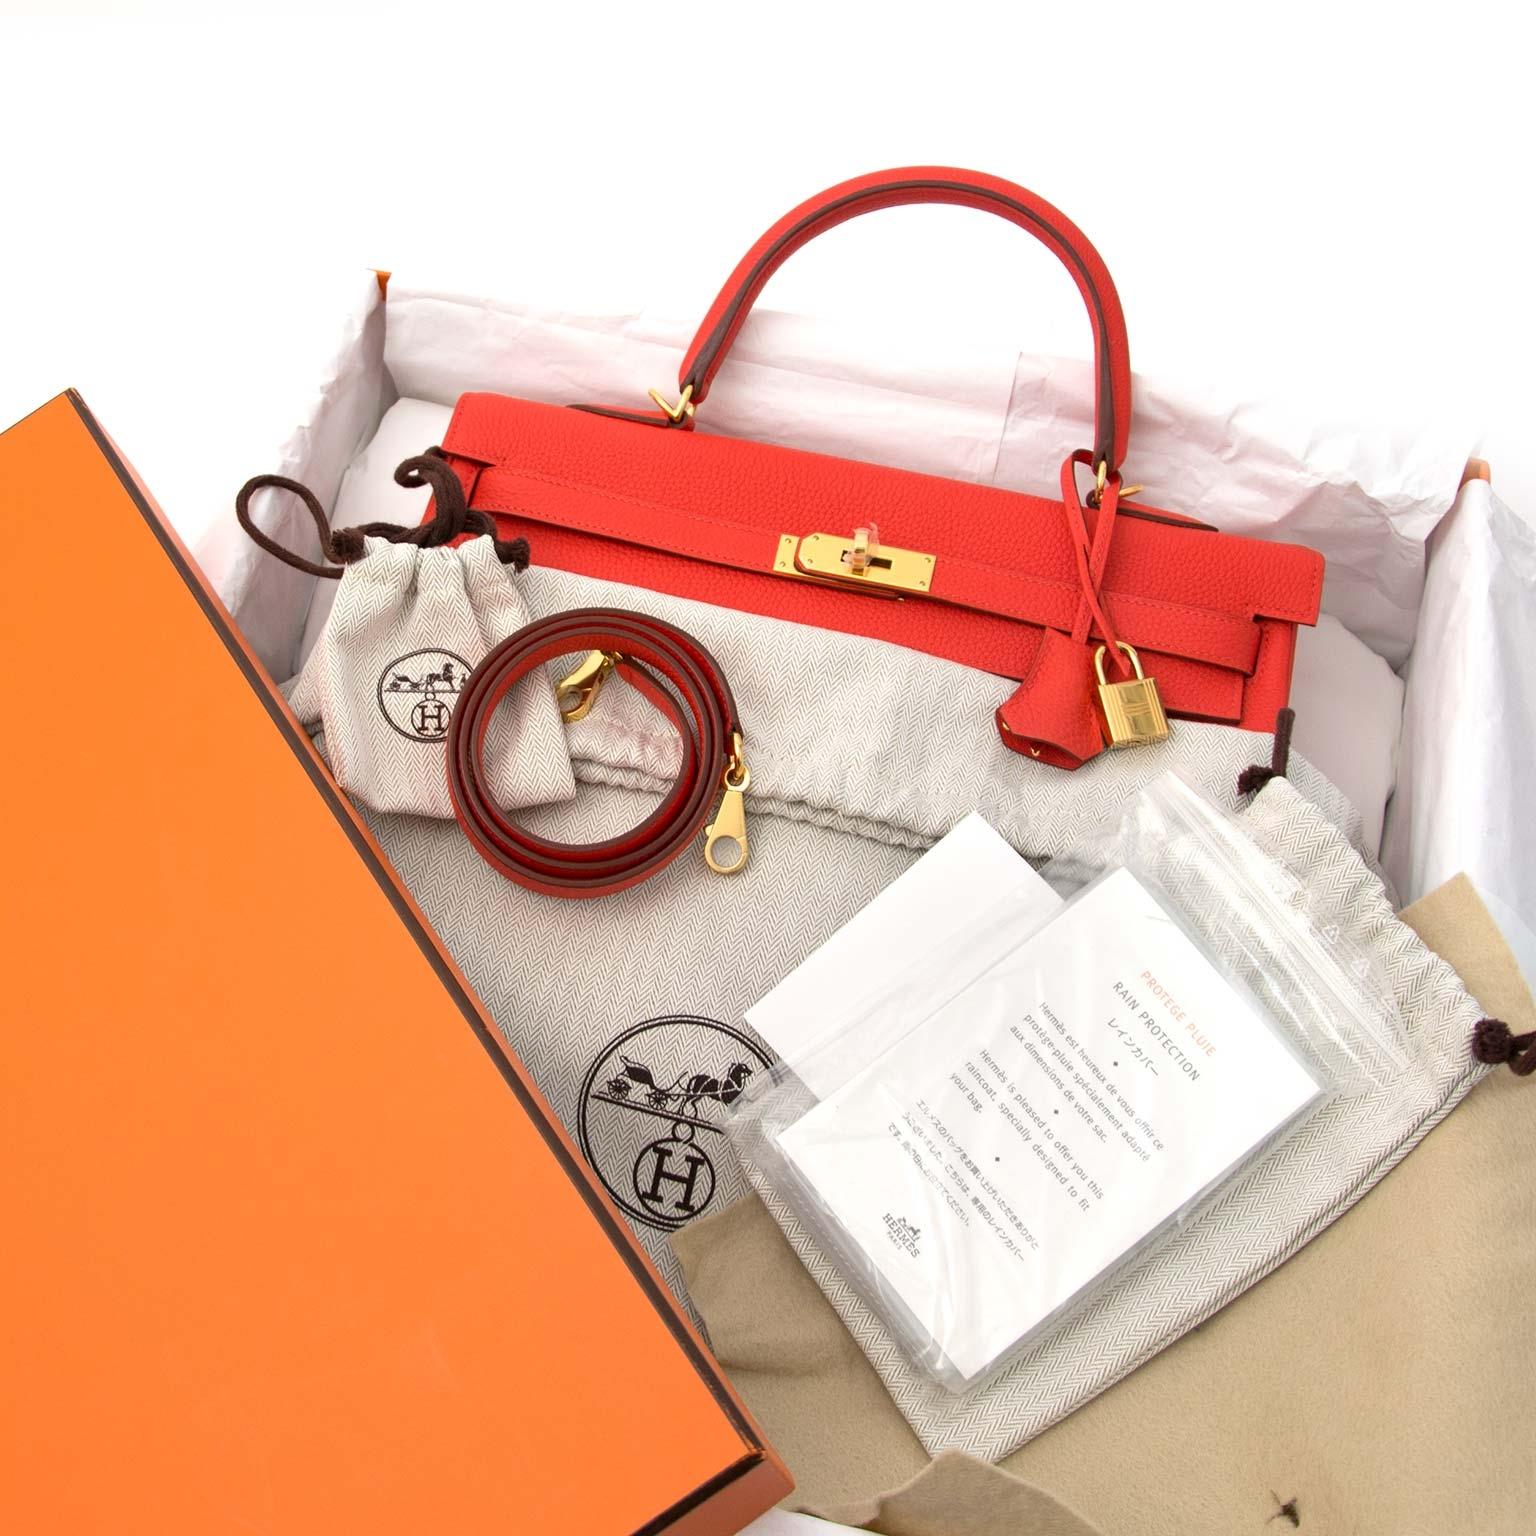 acheter en ligne chez labellov.com Hermès Kelly 35 Togo Capucine GHW 100% authentique